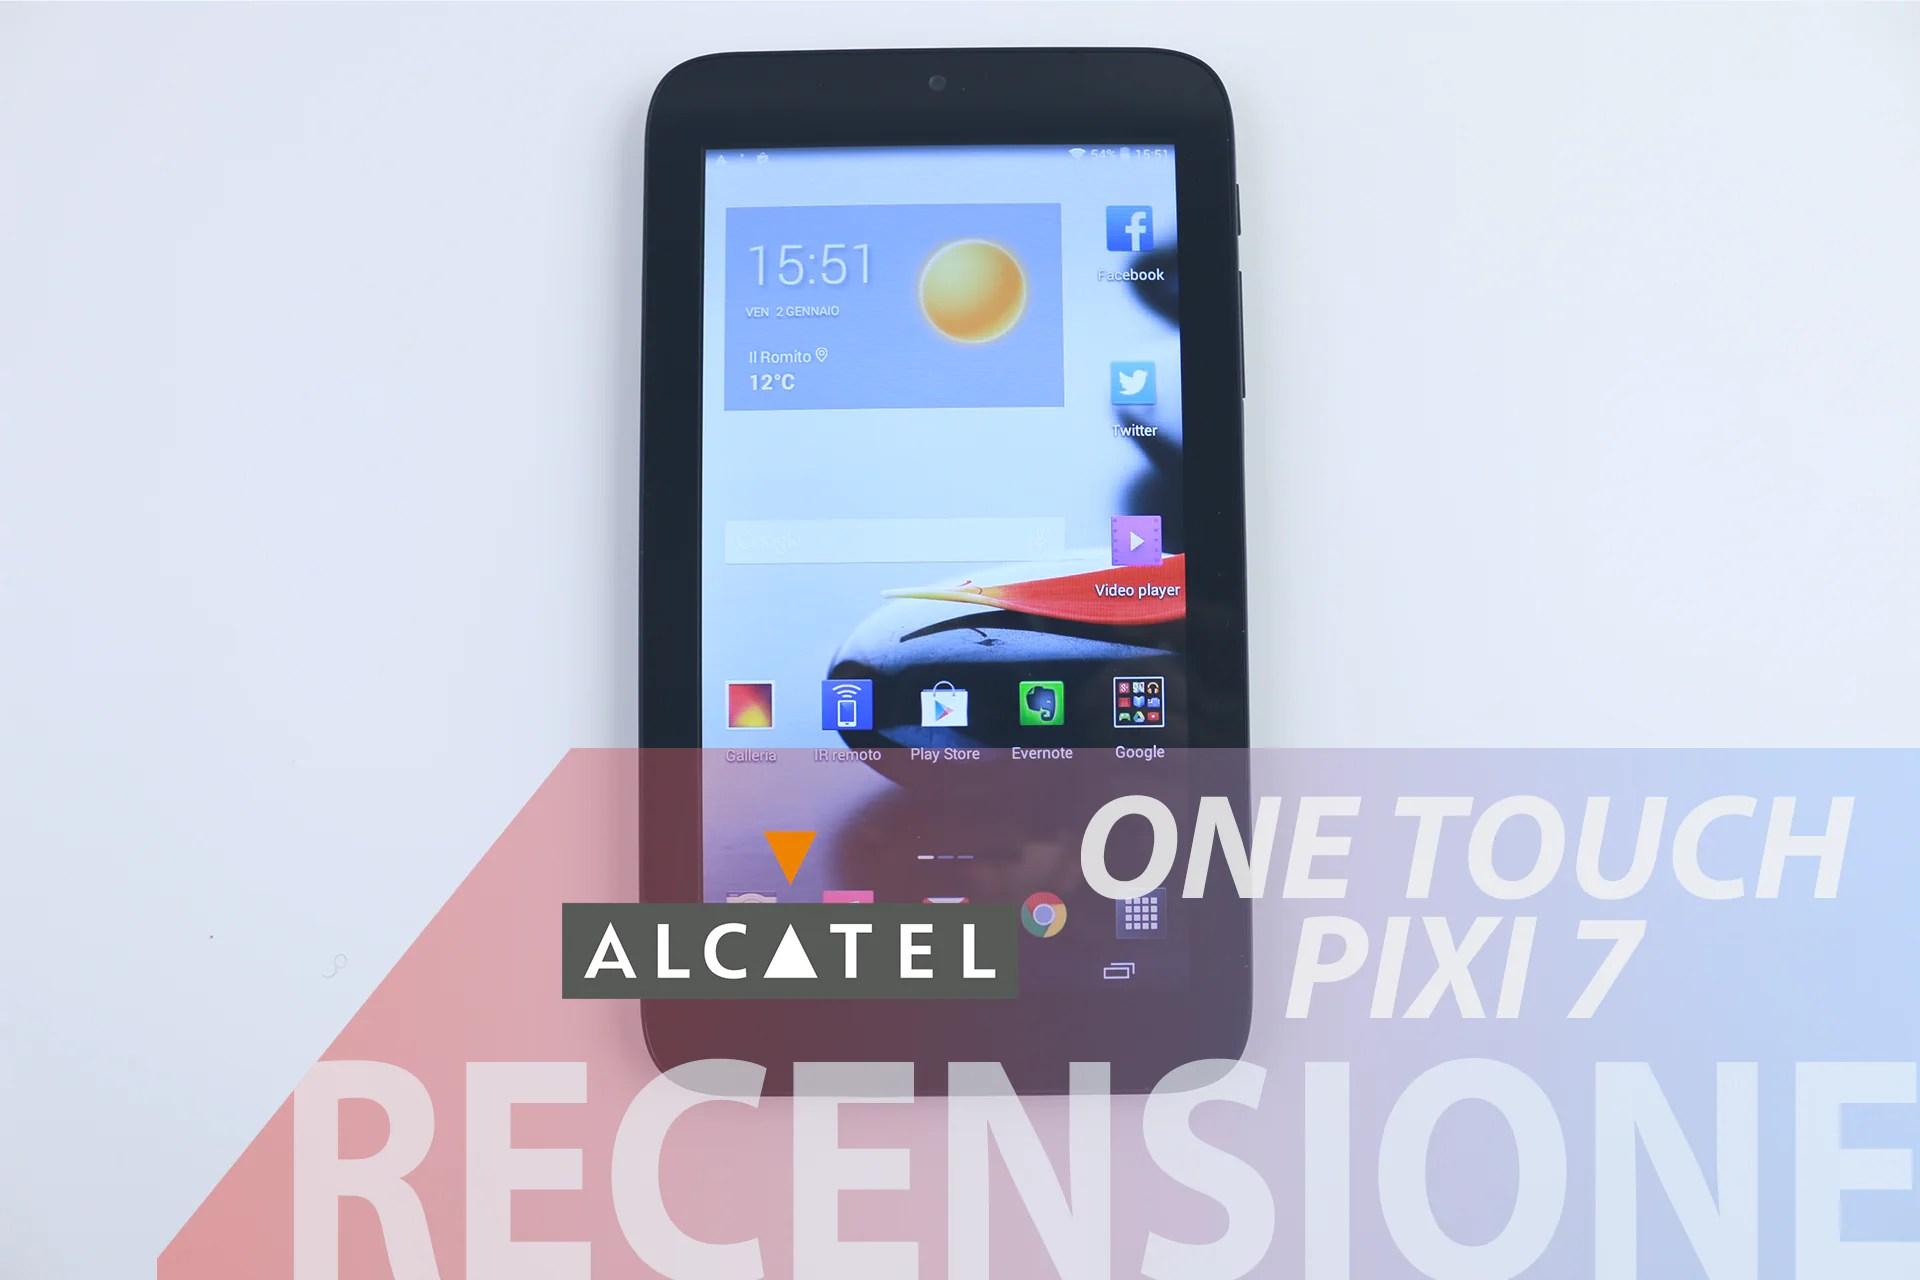 Recensione Alcatel One Touch Pixi 7   AndroidWorld